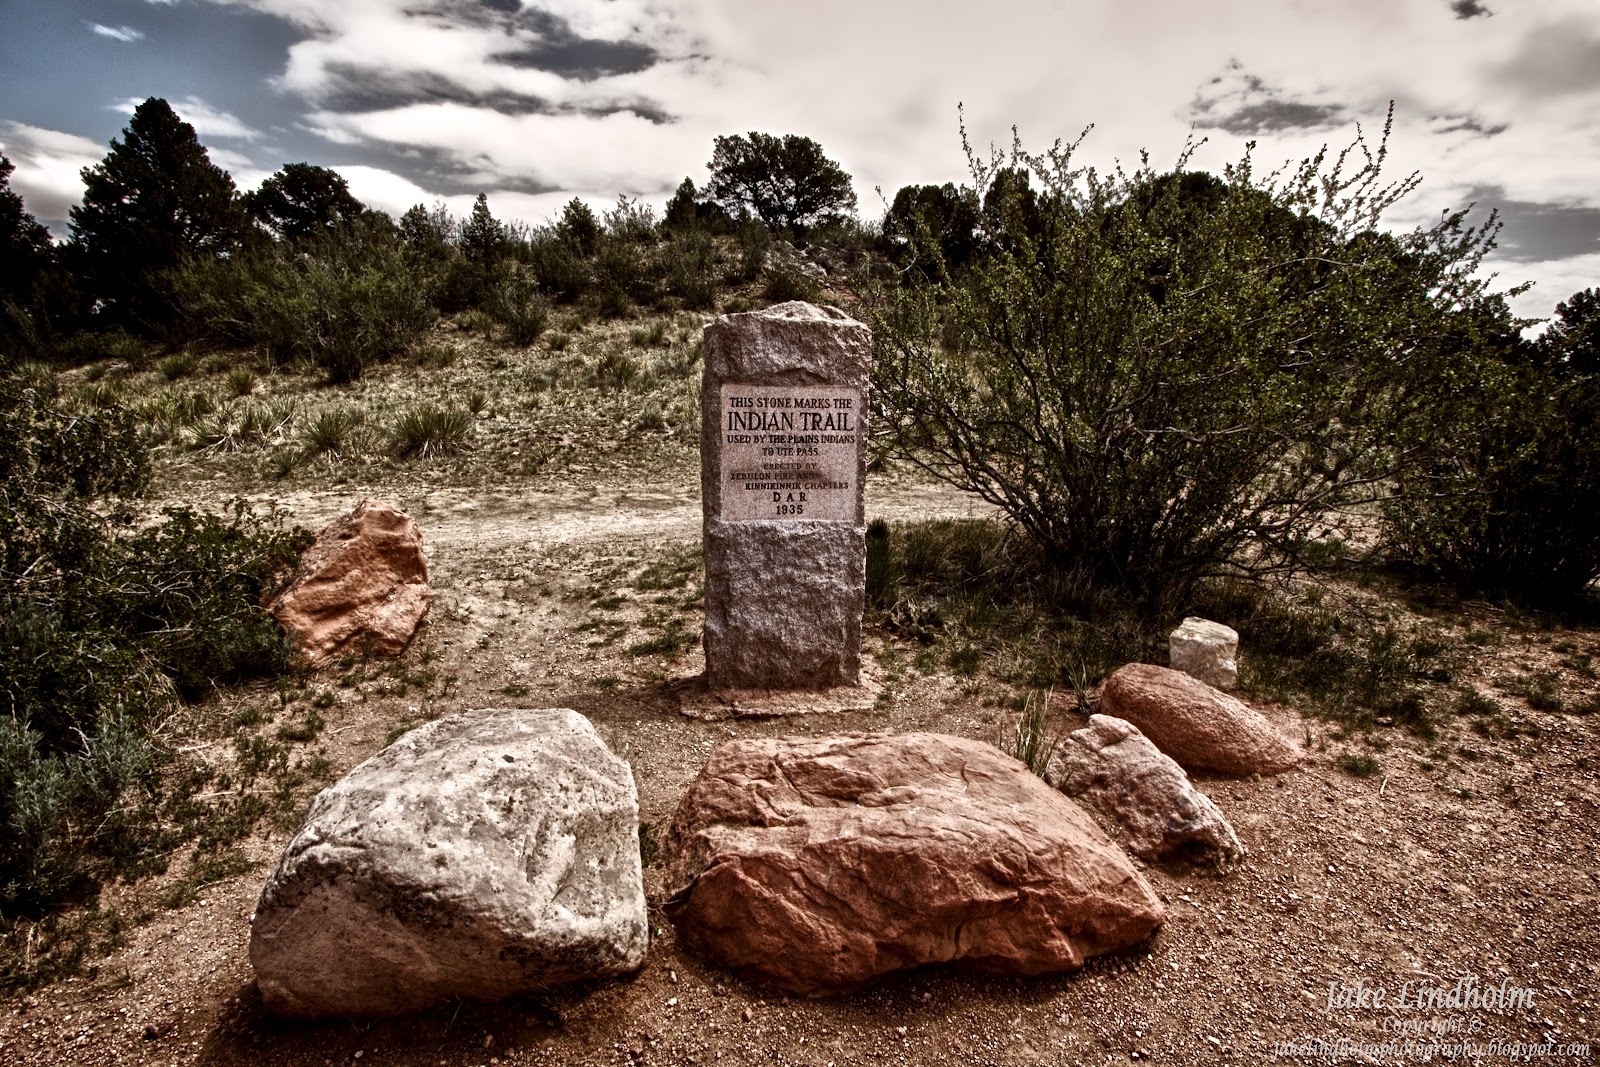 Garden Of The Gods Colorado Springs Co >> Jake Lindholm Photography: Garden of the Gods, Colorado ...